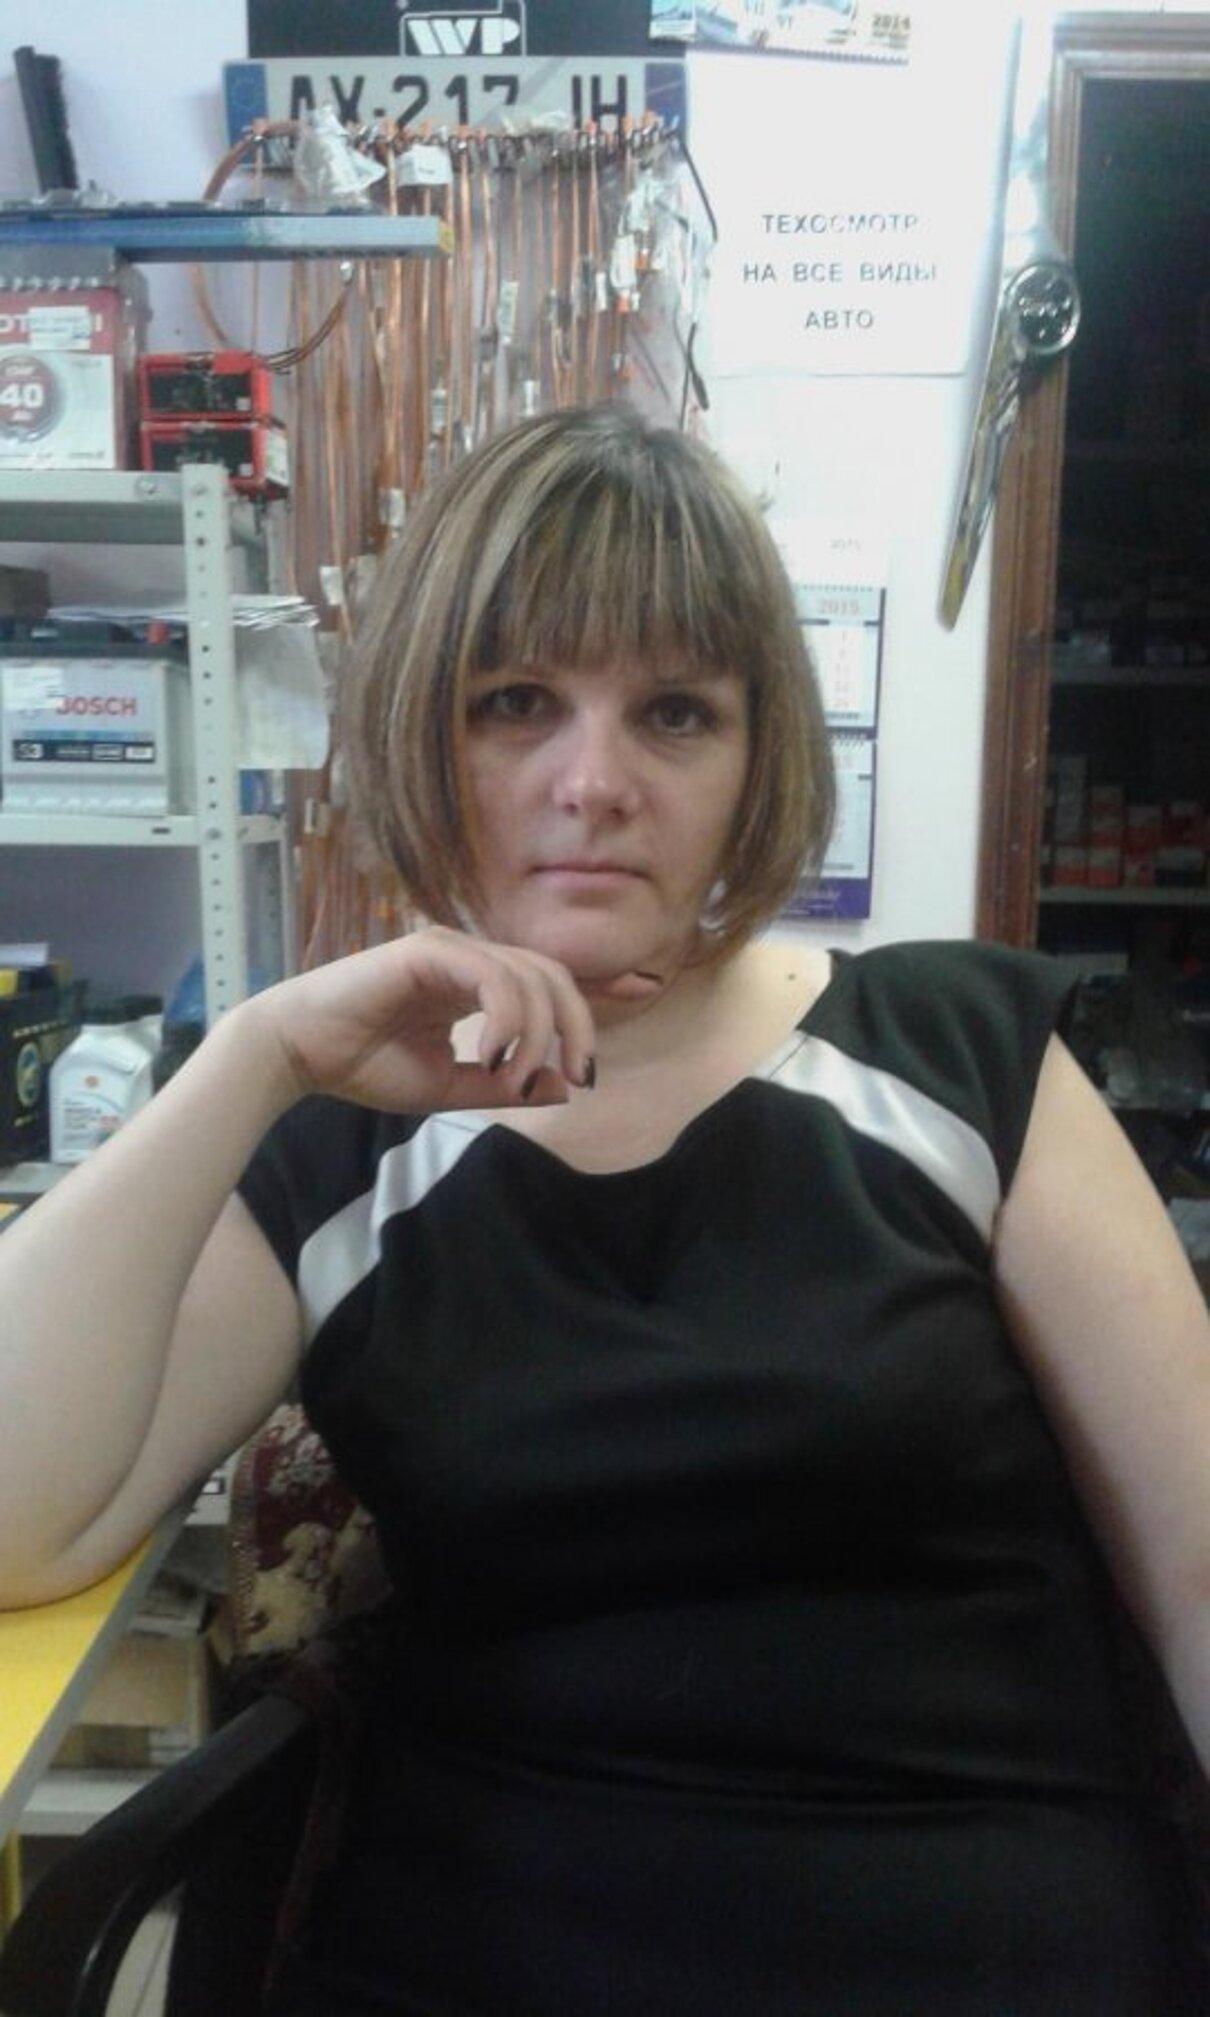 Жалоба-отзыв: Магазин емекс полиграфическая ул 188 - Ужасная продовщица.  Фото №1